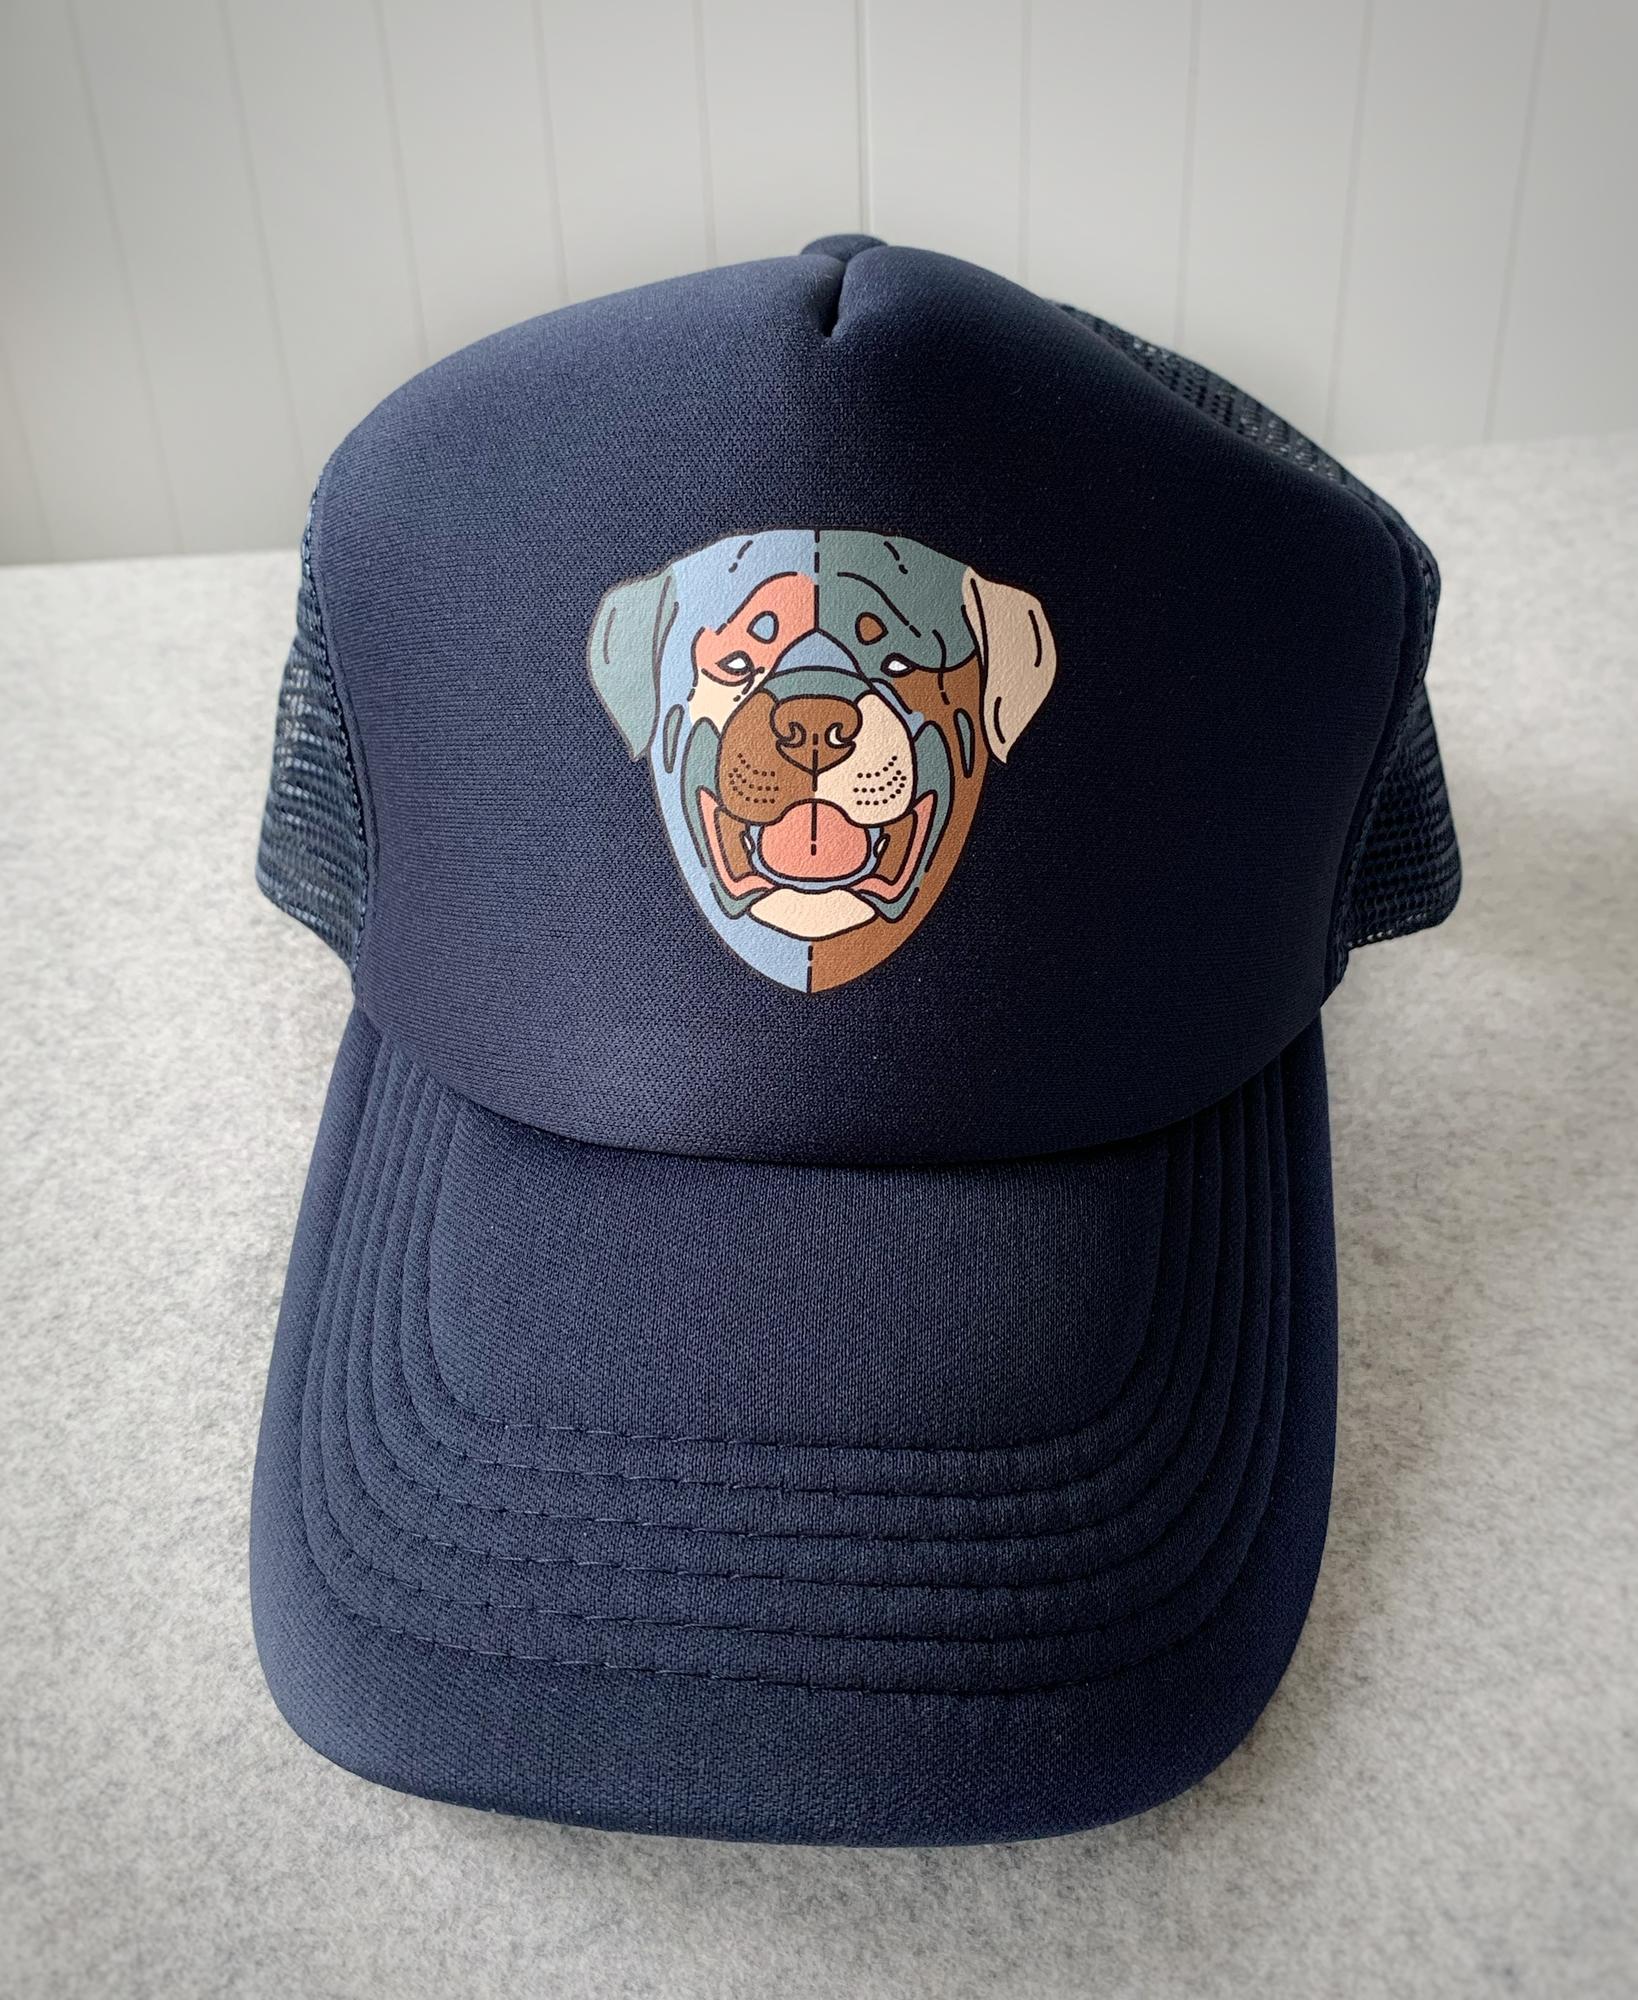 Granatowa truckerka z psem. Wzór z głową psa w barwach planety przyciągnie wzrok każdego. Plastikowa regulacja z tyłu. Wzór unisex. ONE SIZE